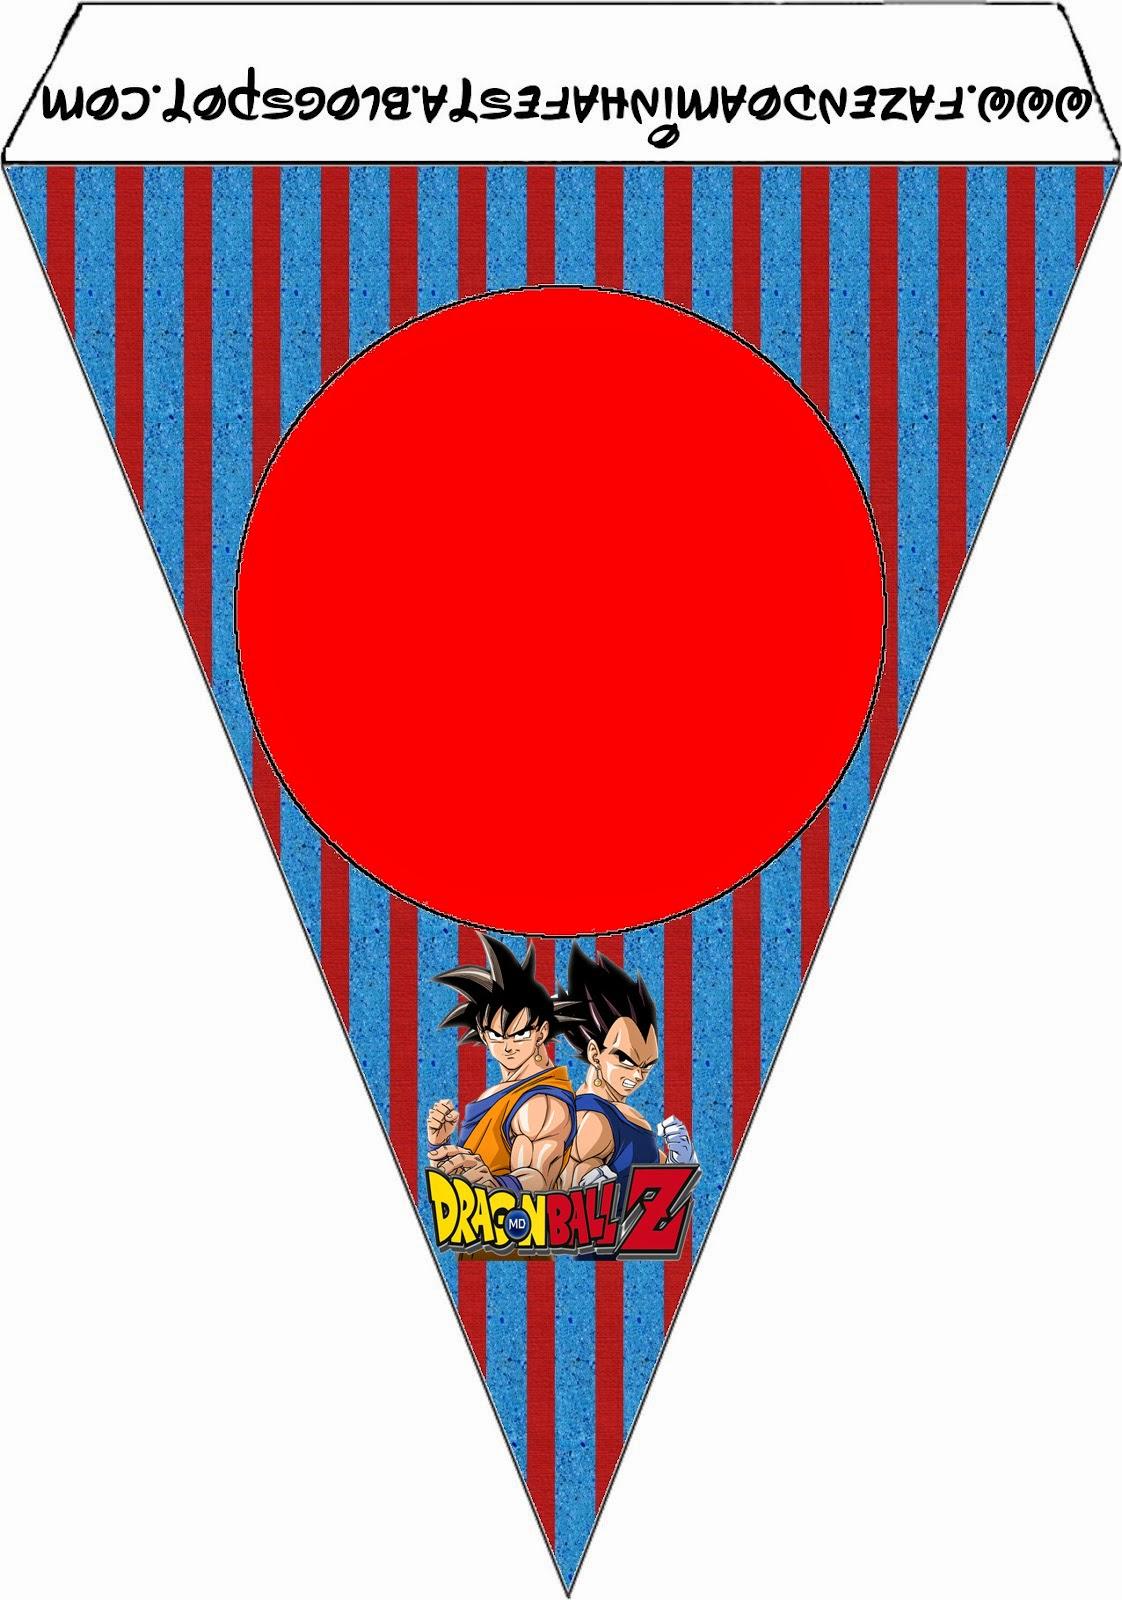 Dragon Ball Z: Imprimibles Gratis para Fiestas. | Ideas y material ...